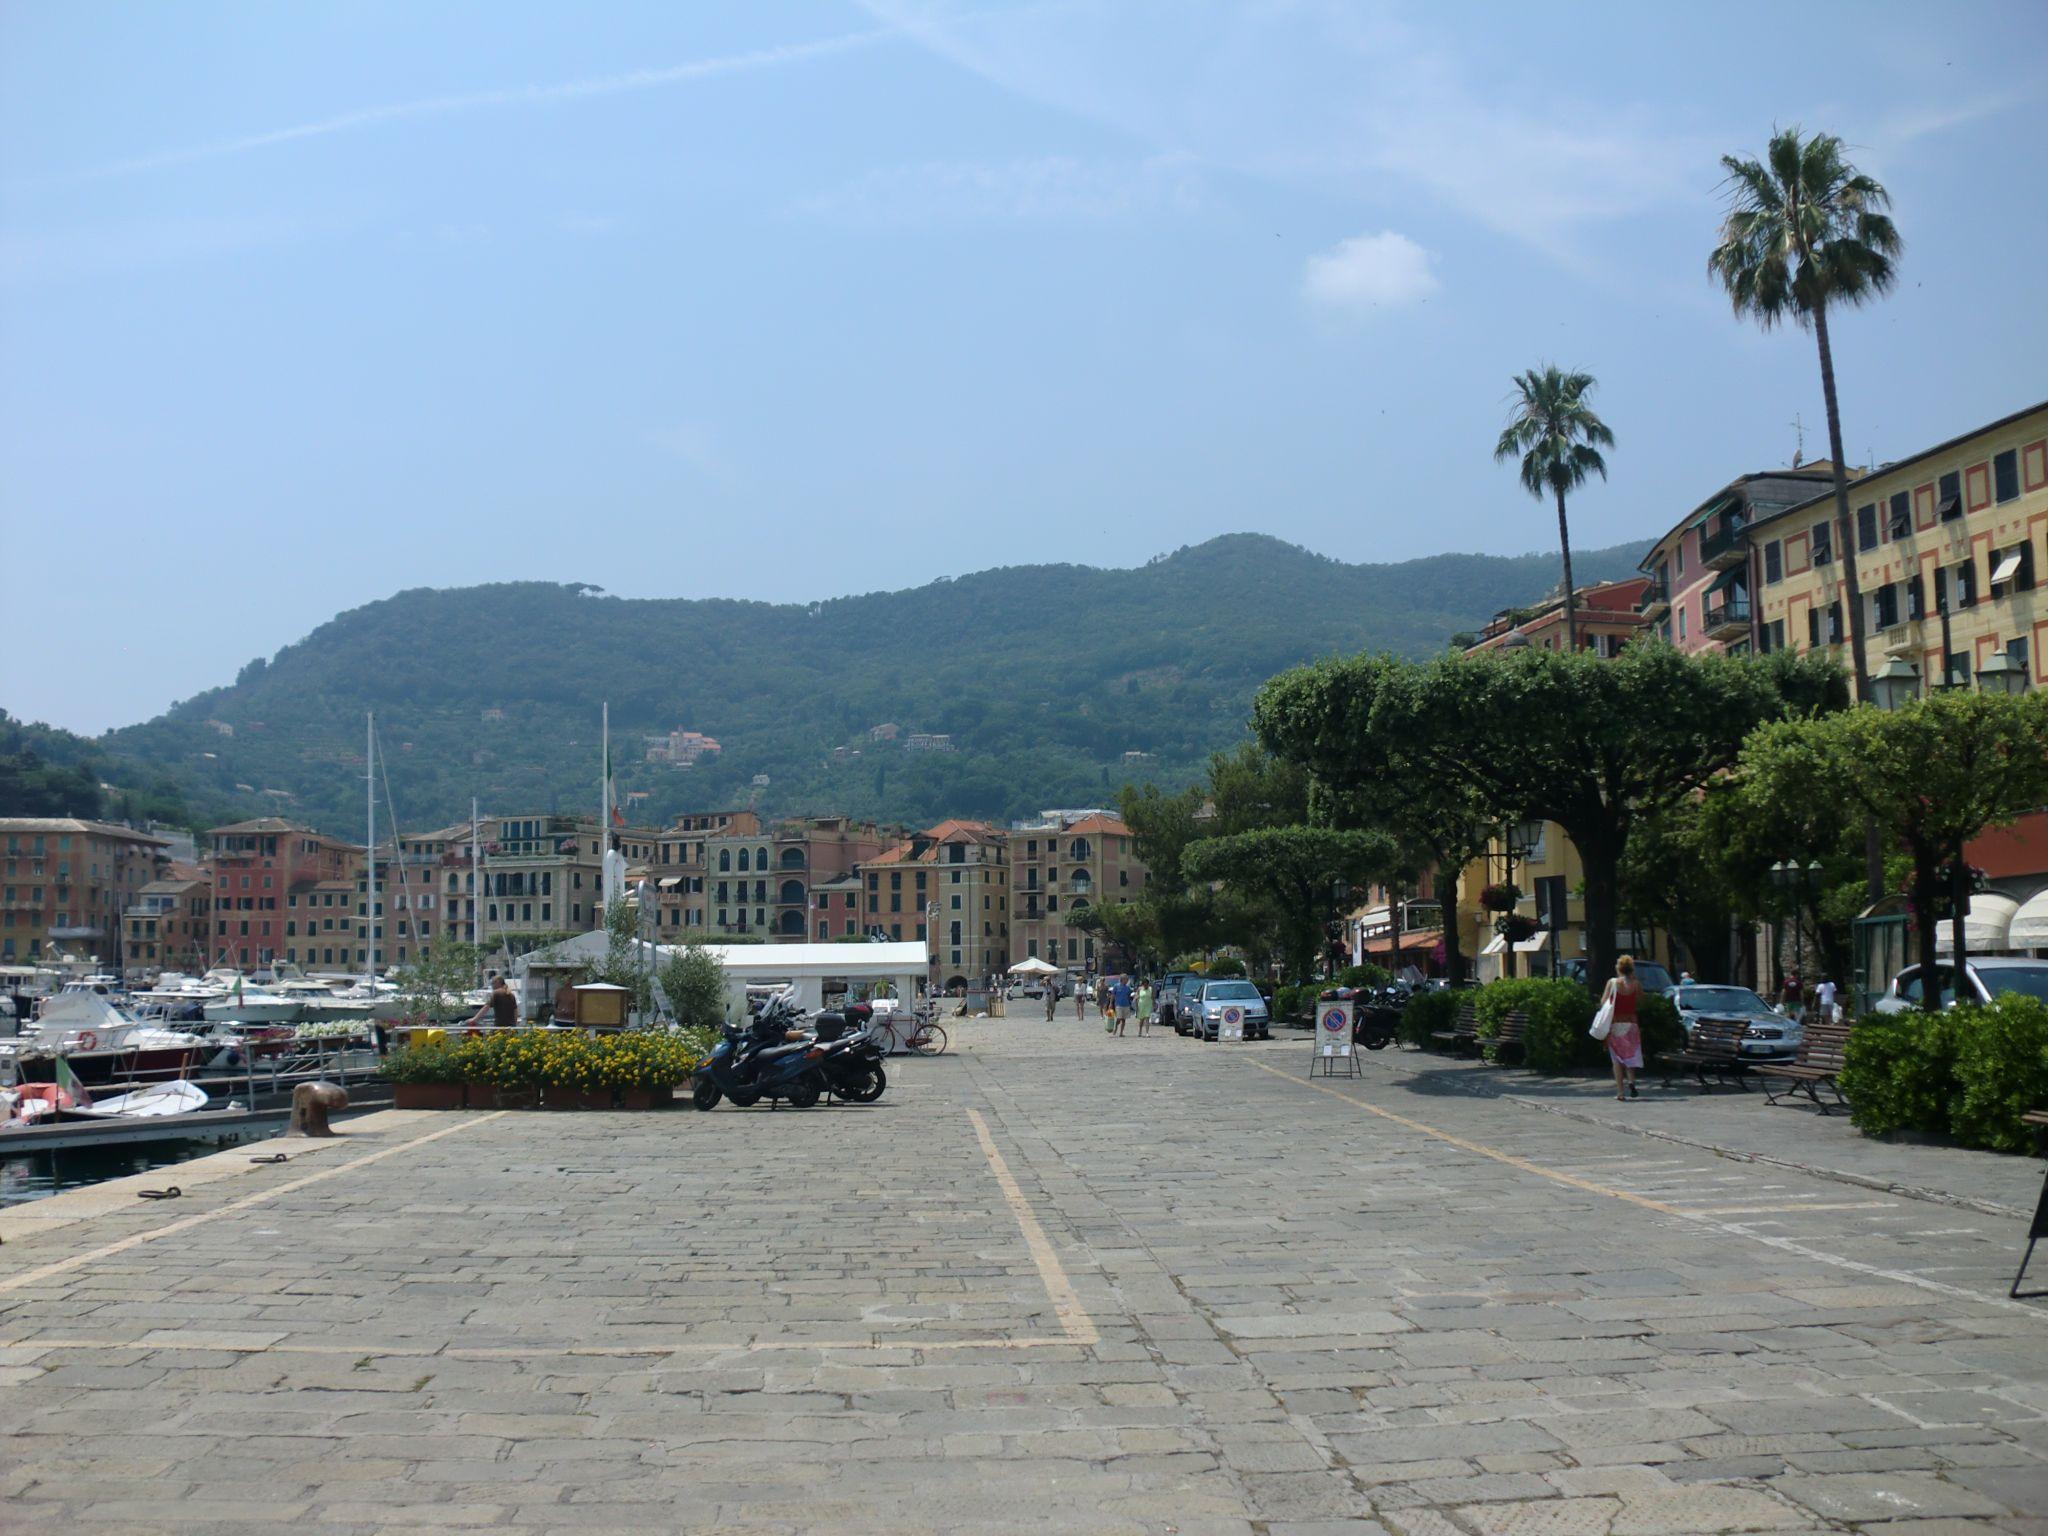 Portofino - Santa Margherita Ligure